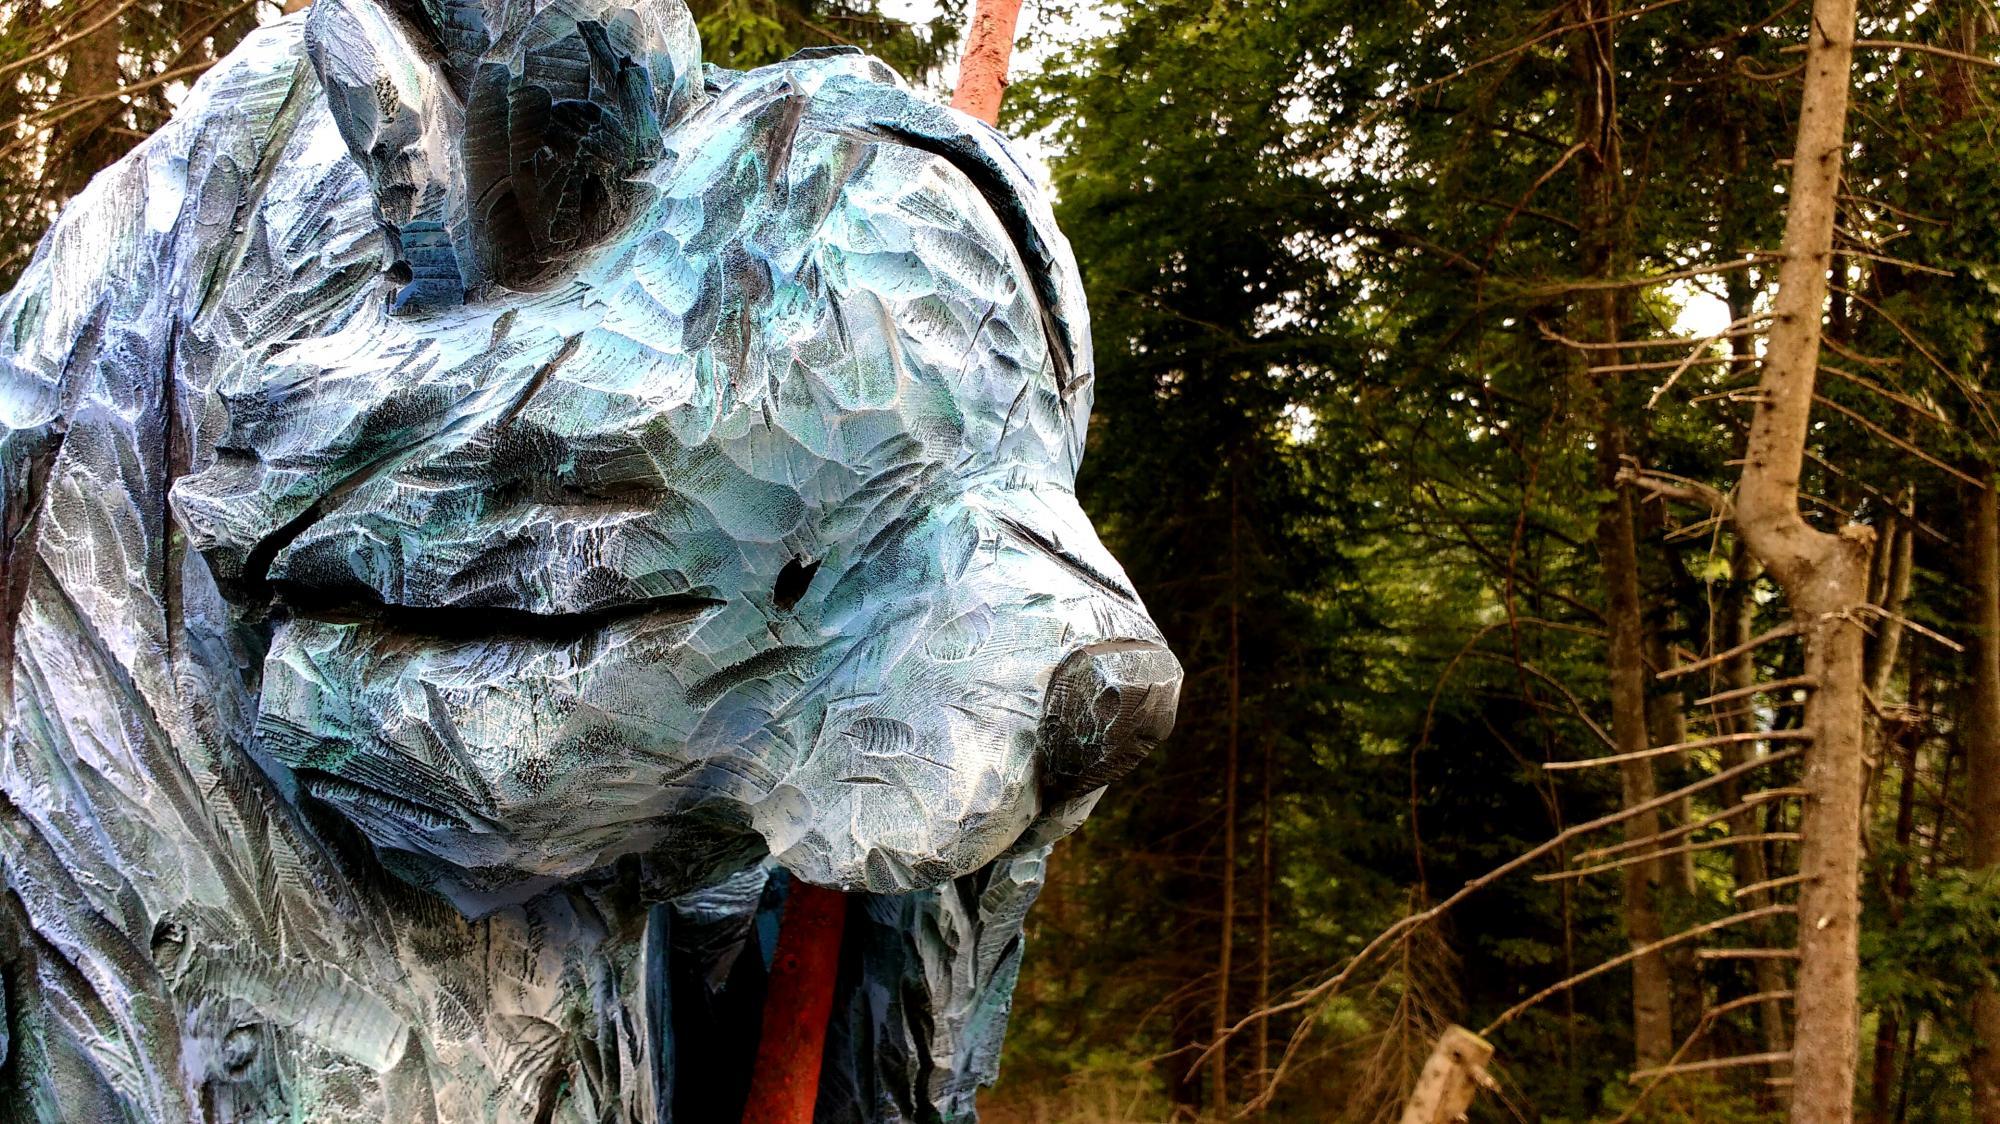 Ours bleu, 2 mètres x 65 cm x 55 cm, Pin, 2017-Claire-Alexie Turcot